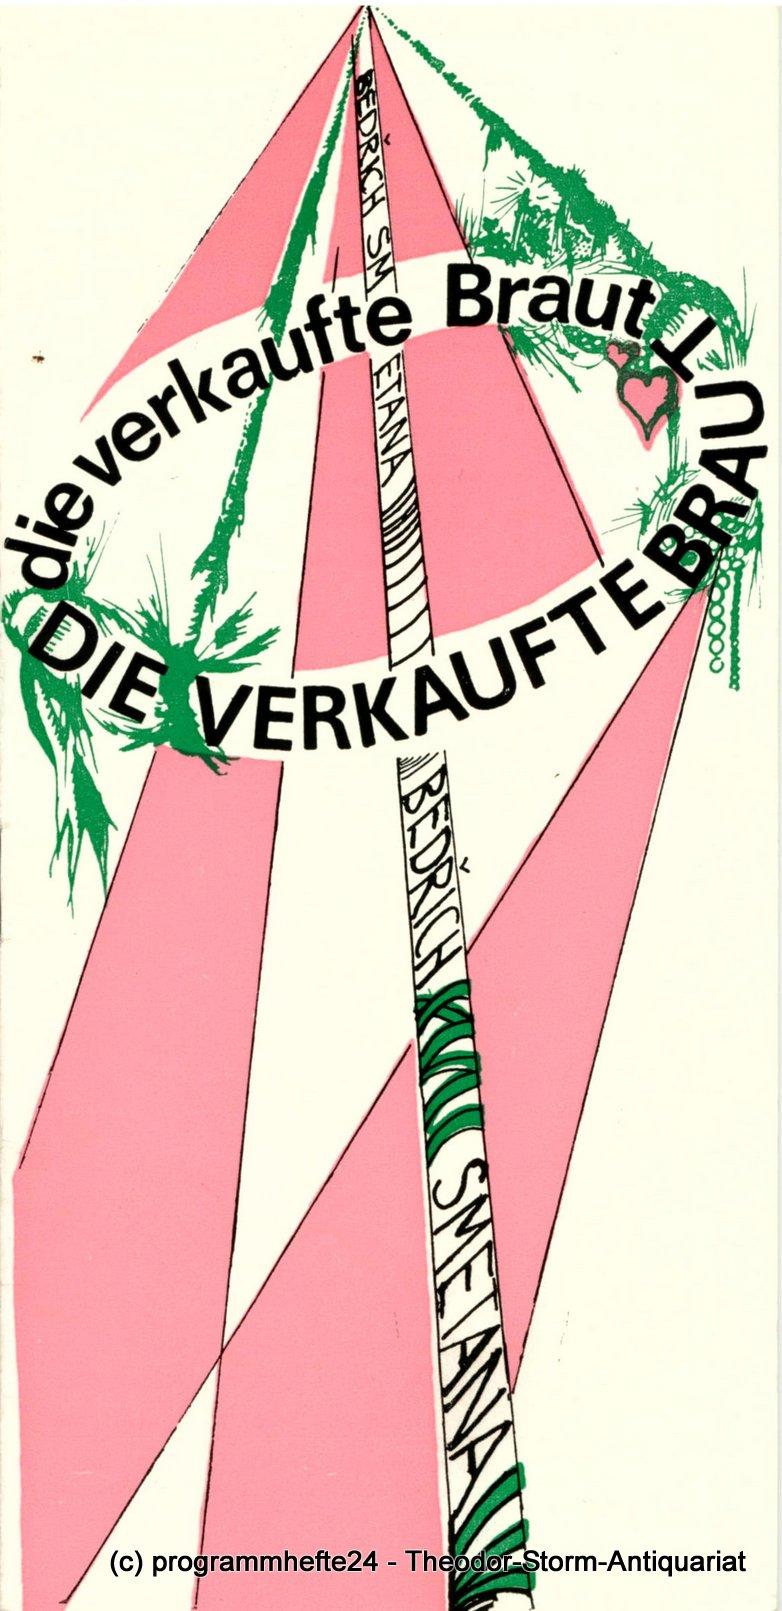 Programmheft Die verkaufte Braut. Stadttheater Freiberg 1980 - 211175